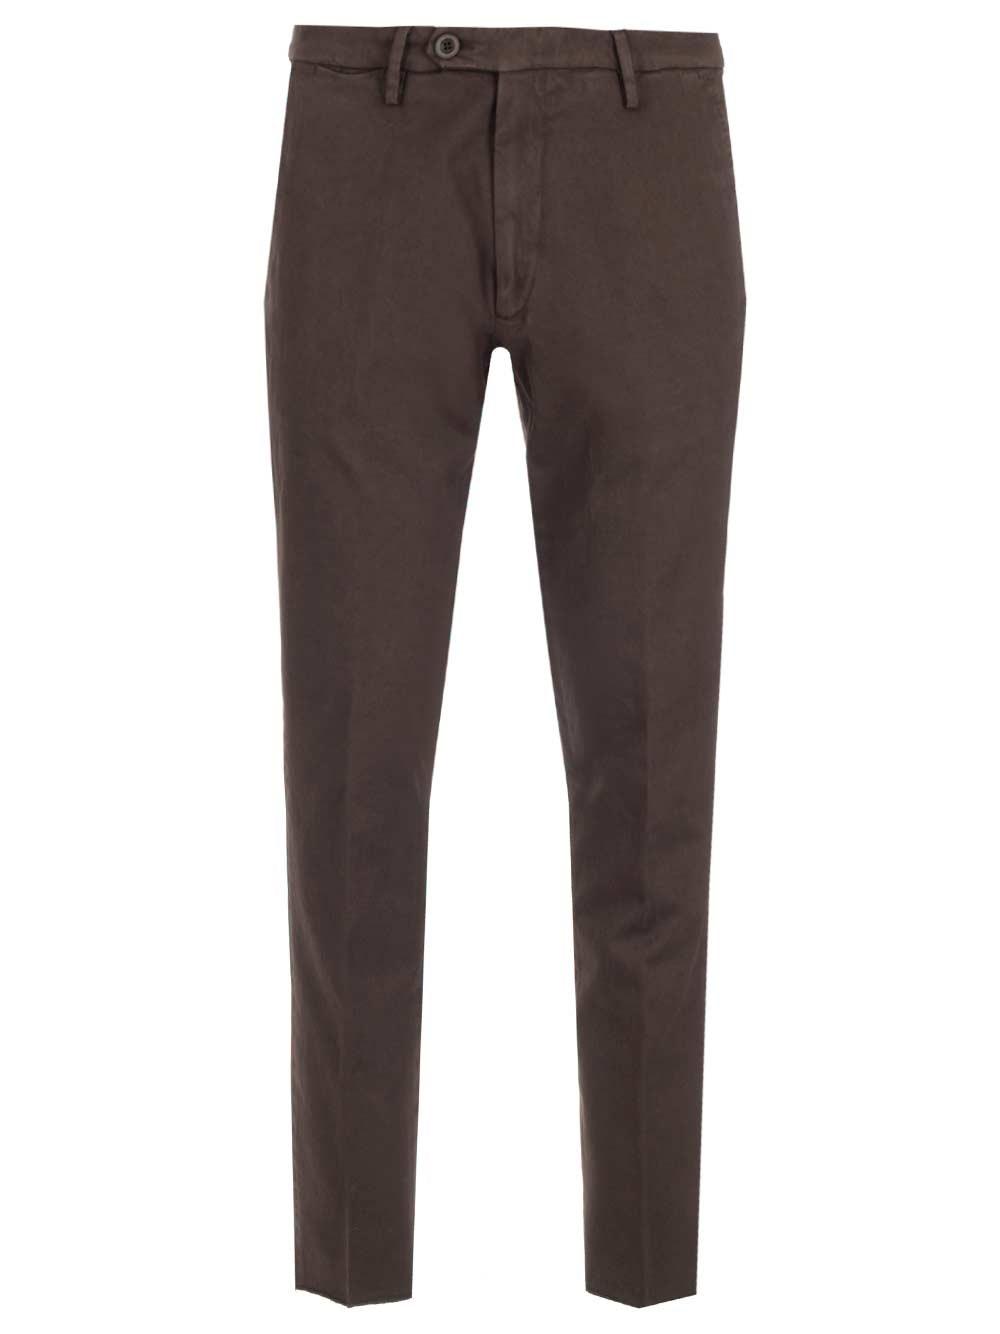 AL DUCA D'AOSTA 1902 Cotton Drill Trousers